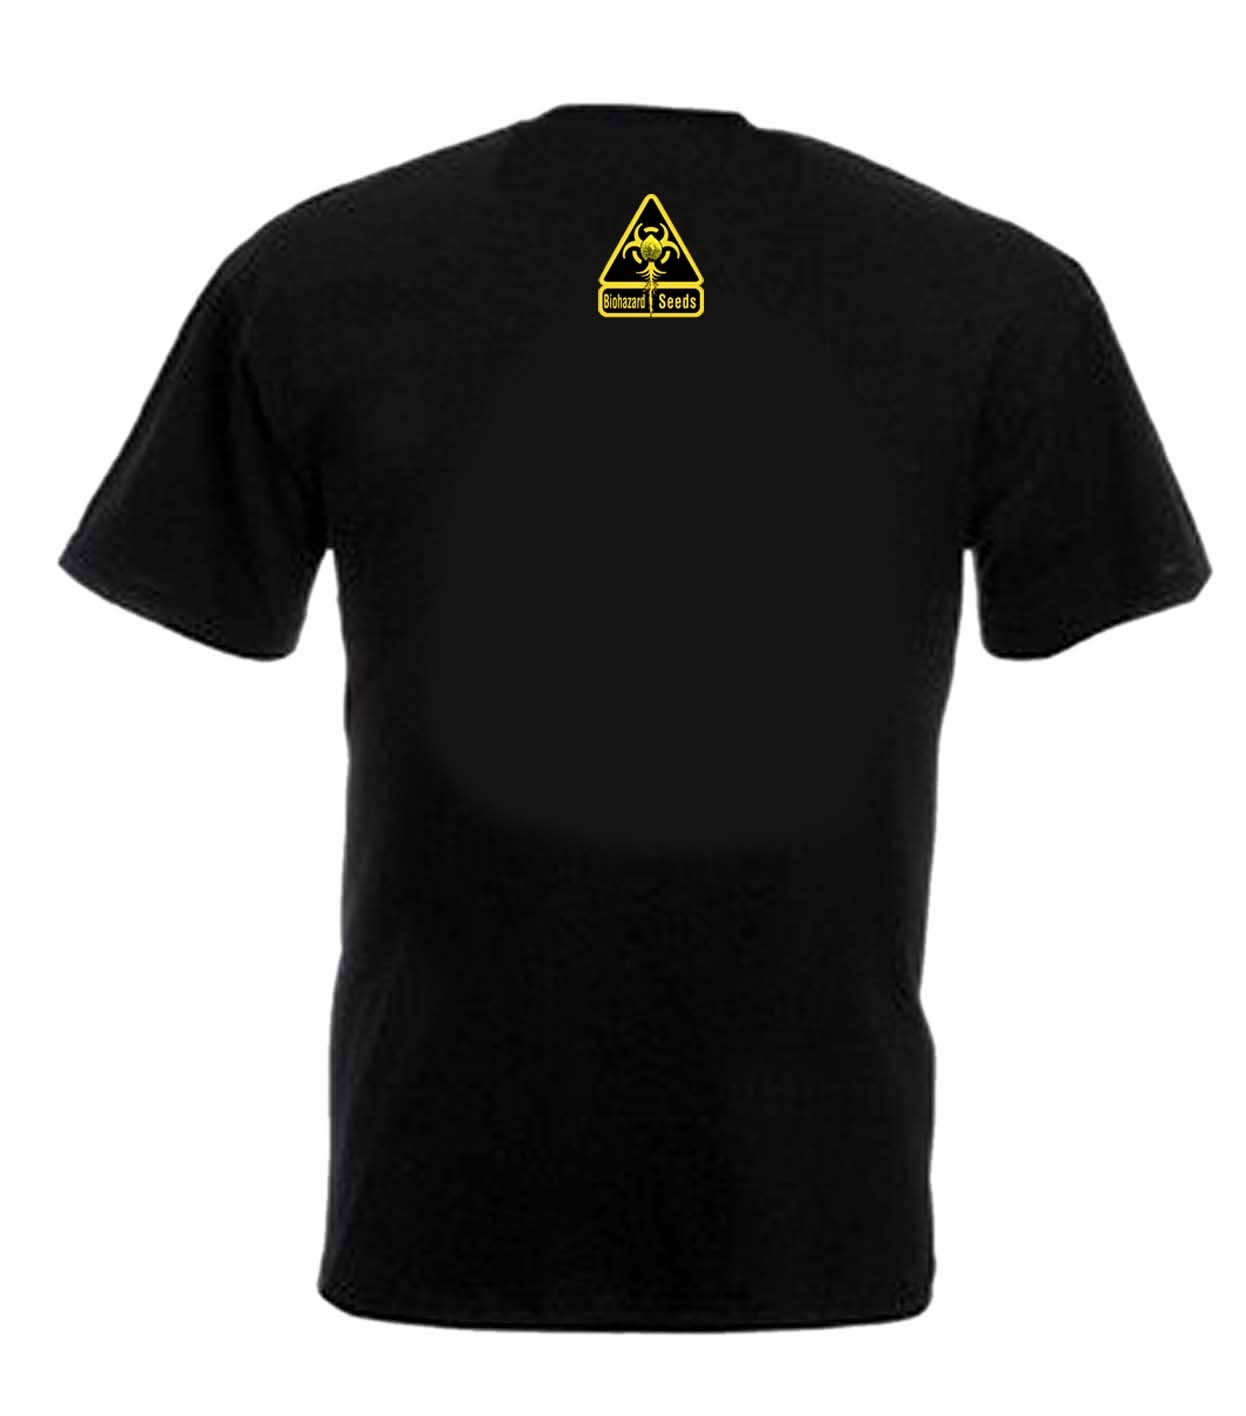 Camiseta Biohazard Seeds Jawar  1